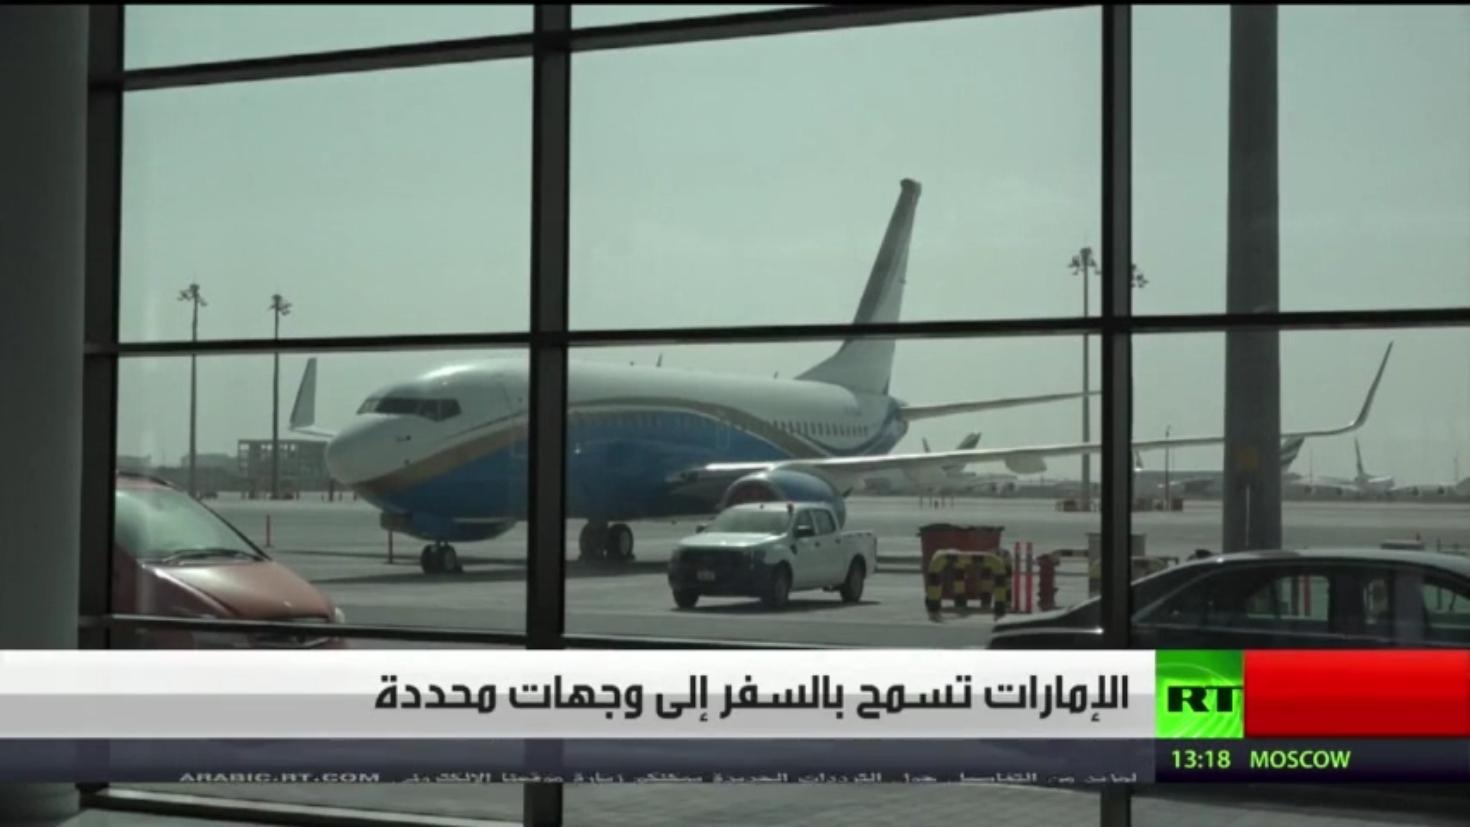 الإمارات تسمح بالسفر إلى وجهات محددة